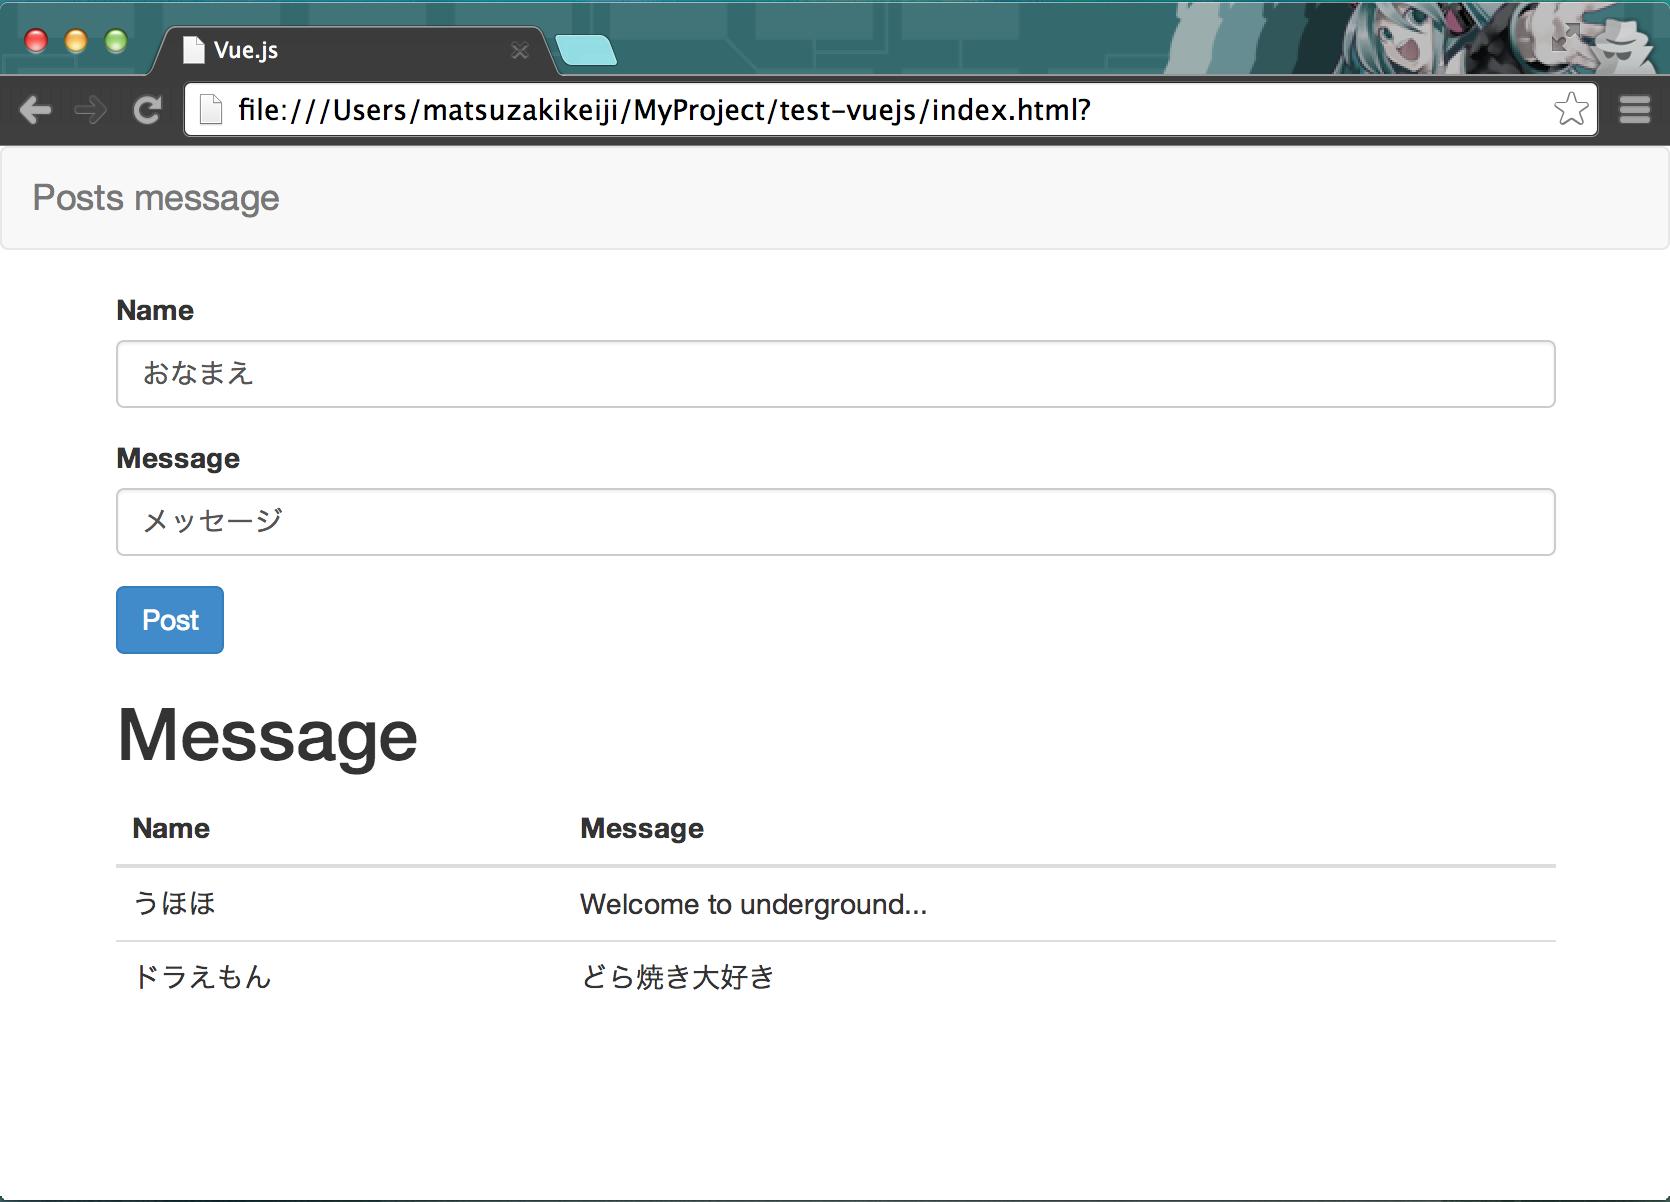 Screen Shot 2014-08-02 at 17.55.22.png